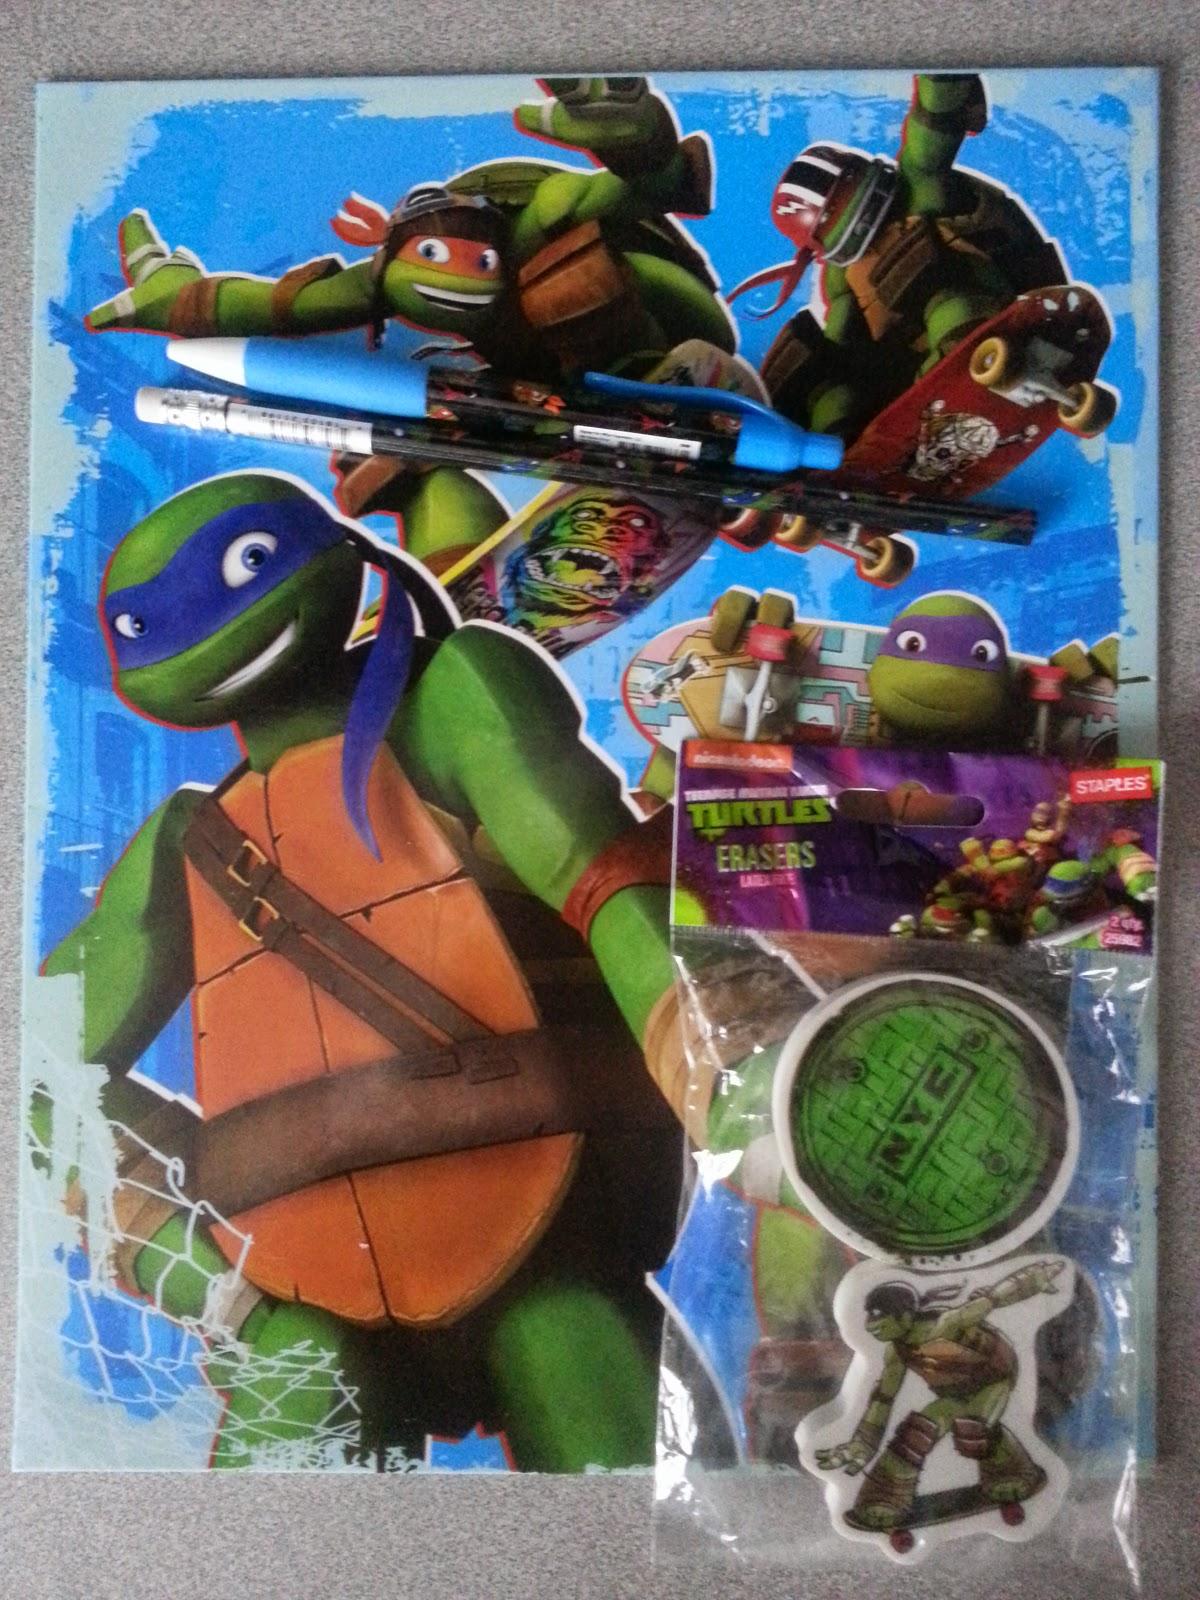 Teenage Mutant Ninja Turtles School Supplies